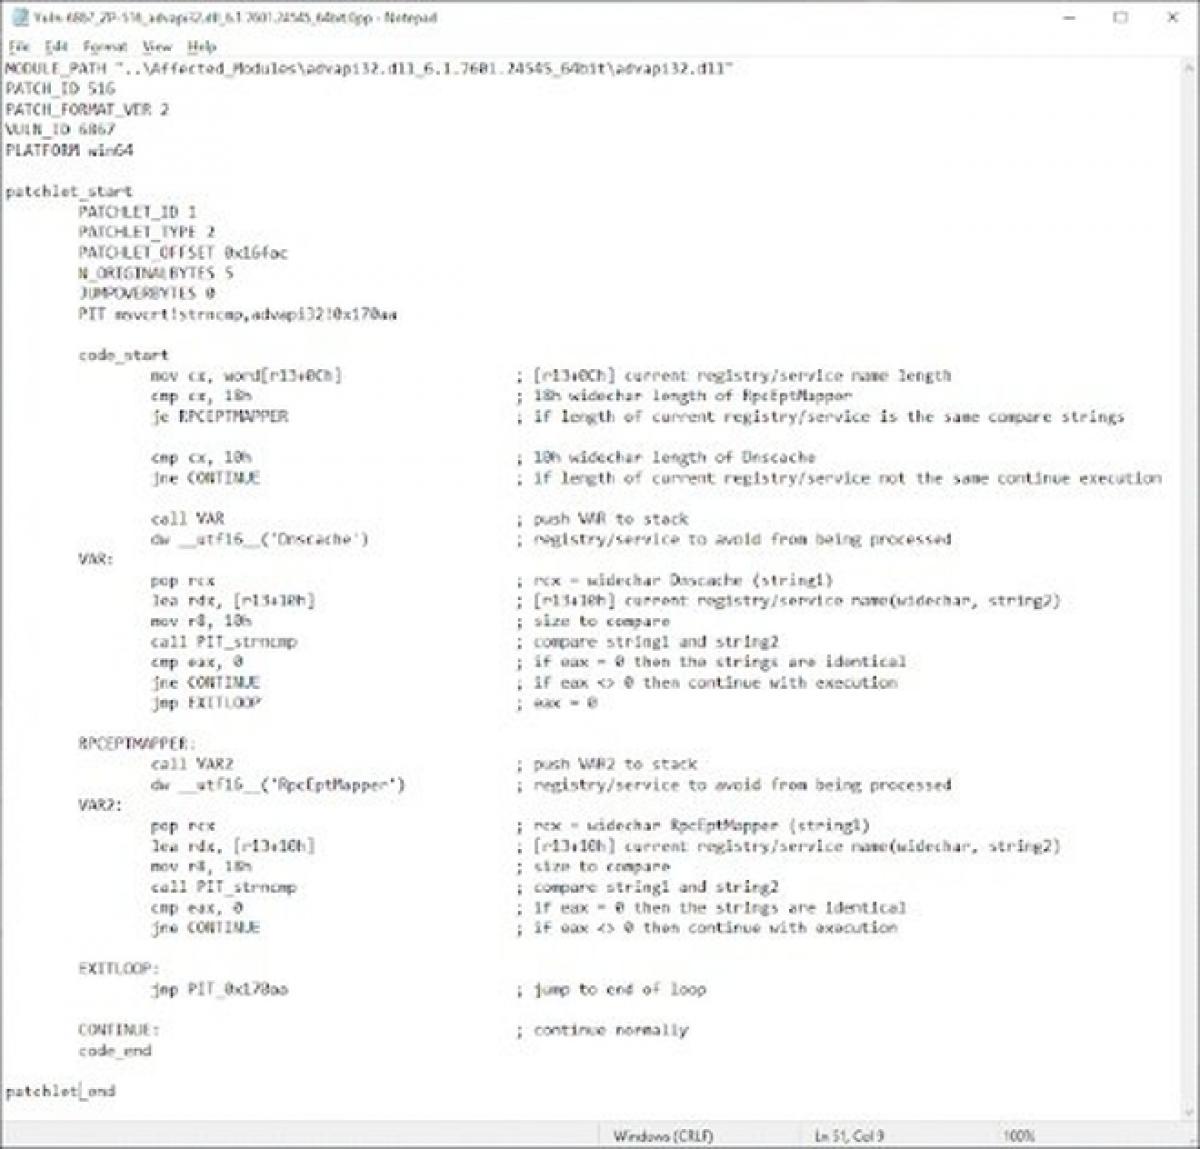 Lỗ hổng bảo mật nghiêm trọng tồn tại trên Windows 7 vừa được phát hiện - ẢNH CHỤP MÀN HÌNH